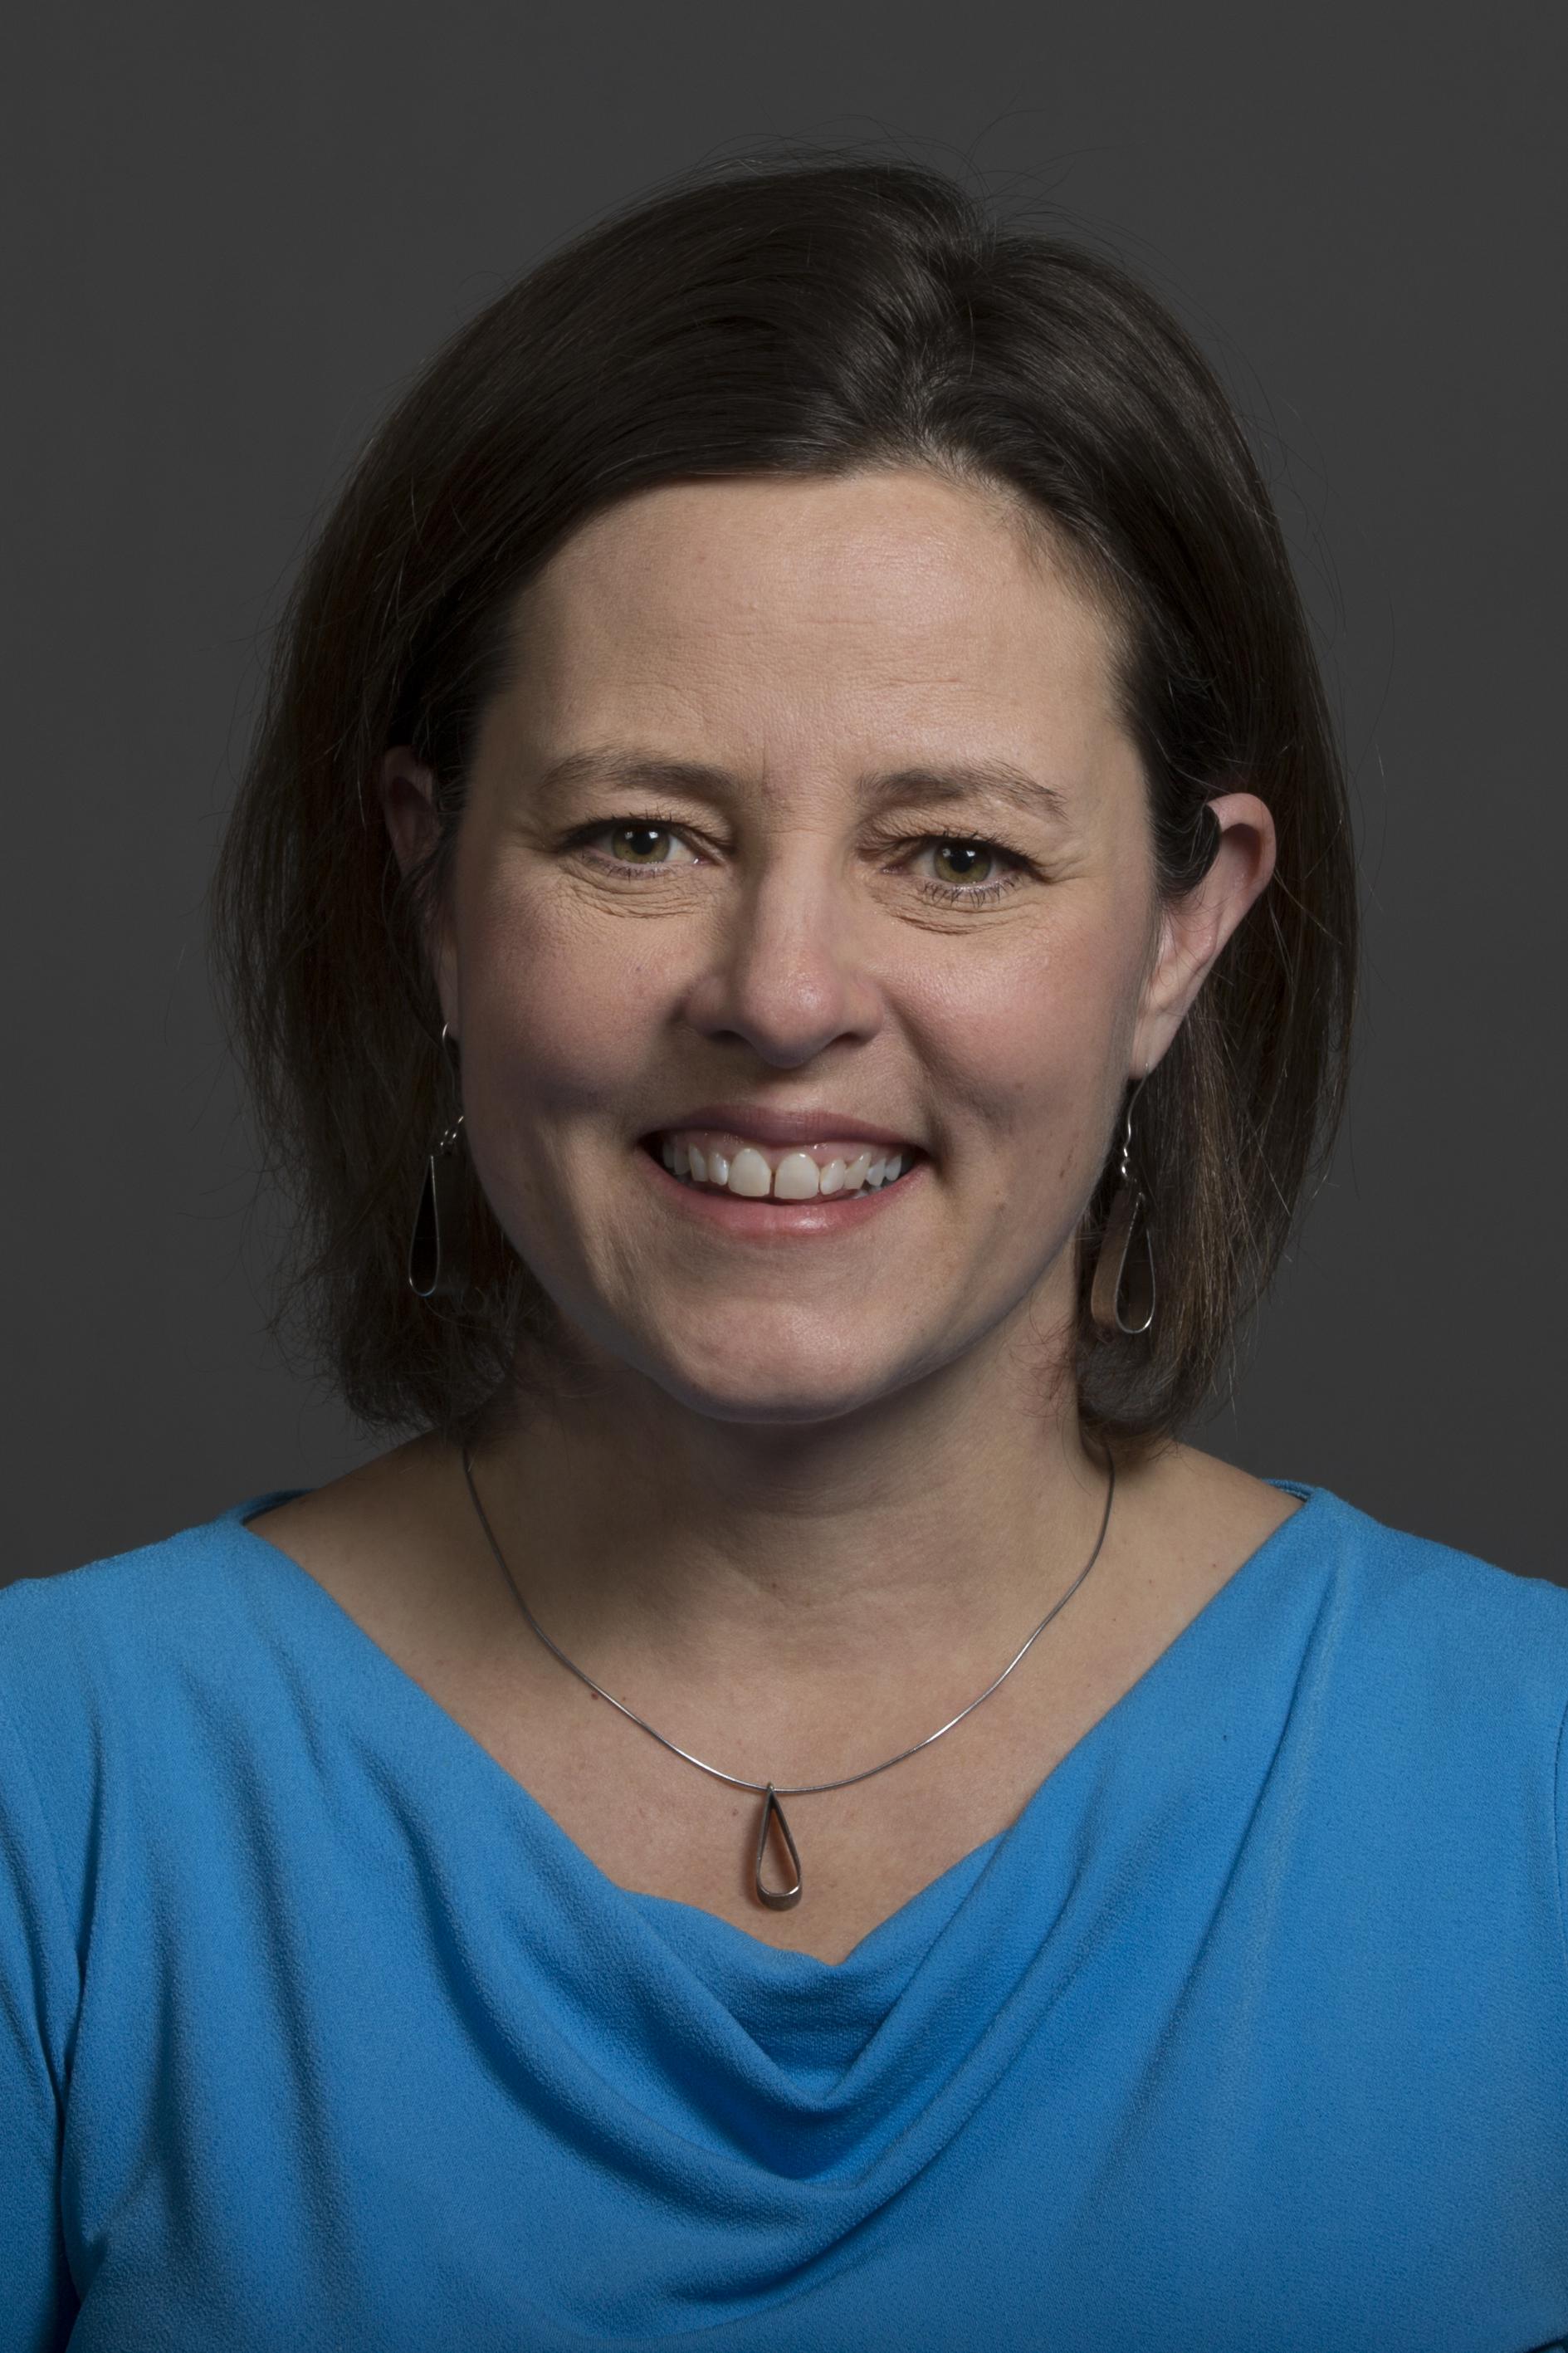 Laura Bray. Photo courtesy of MATC.